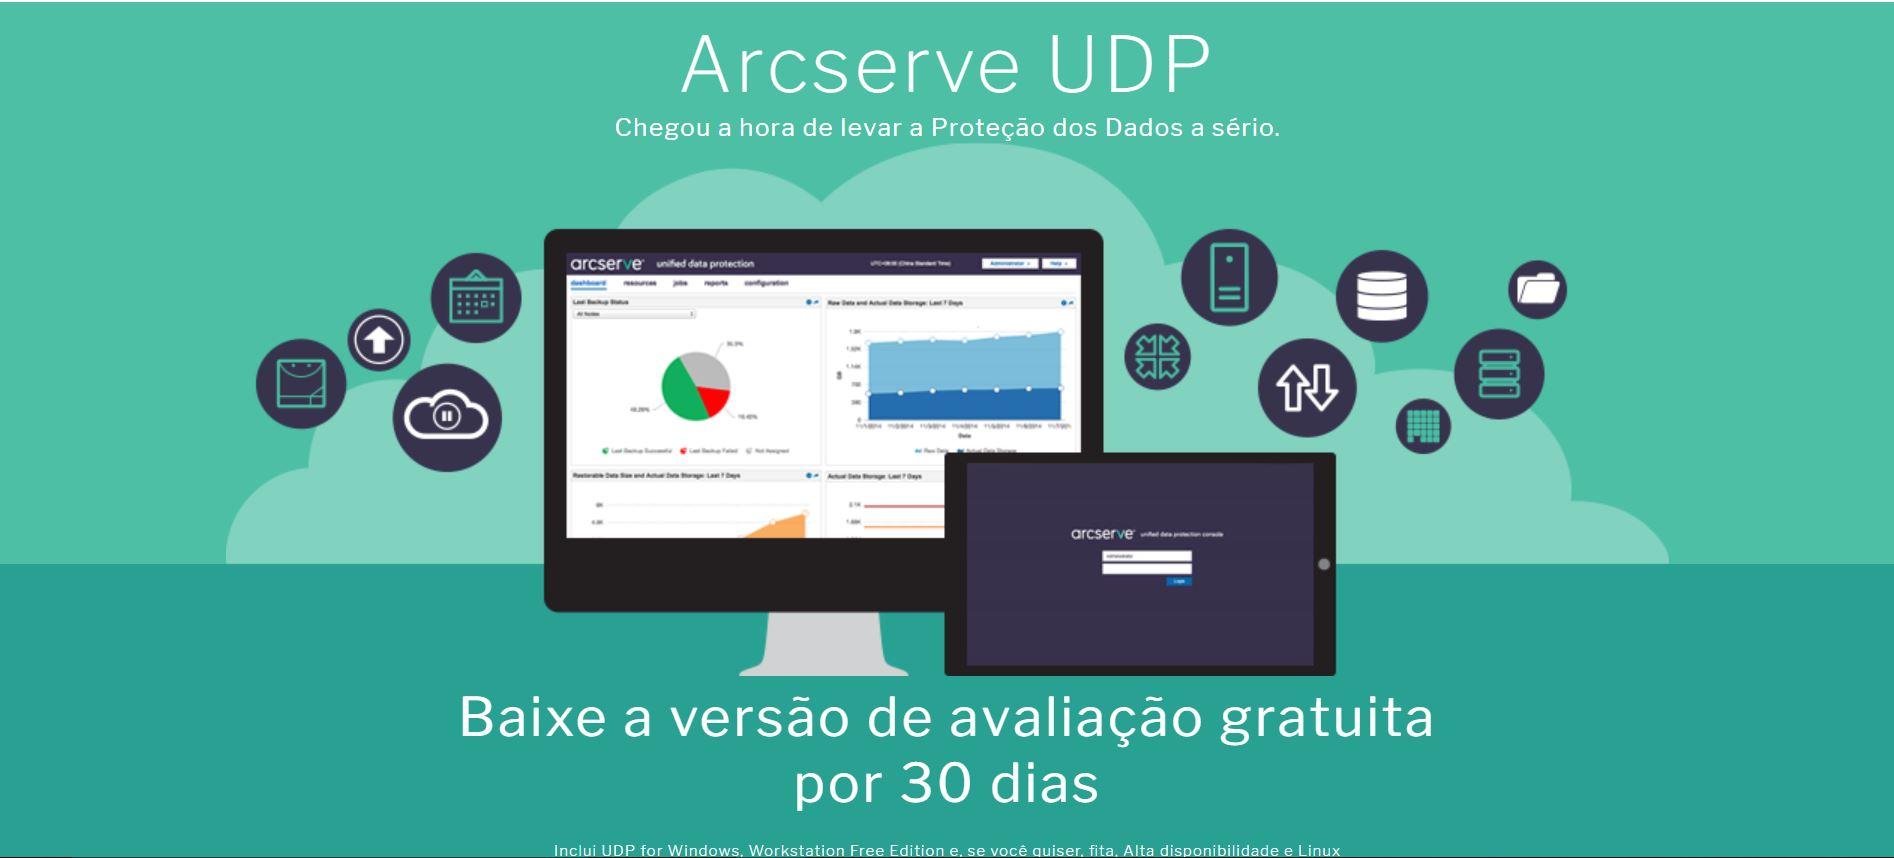 Software para testes - 30 dias Arcserve